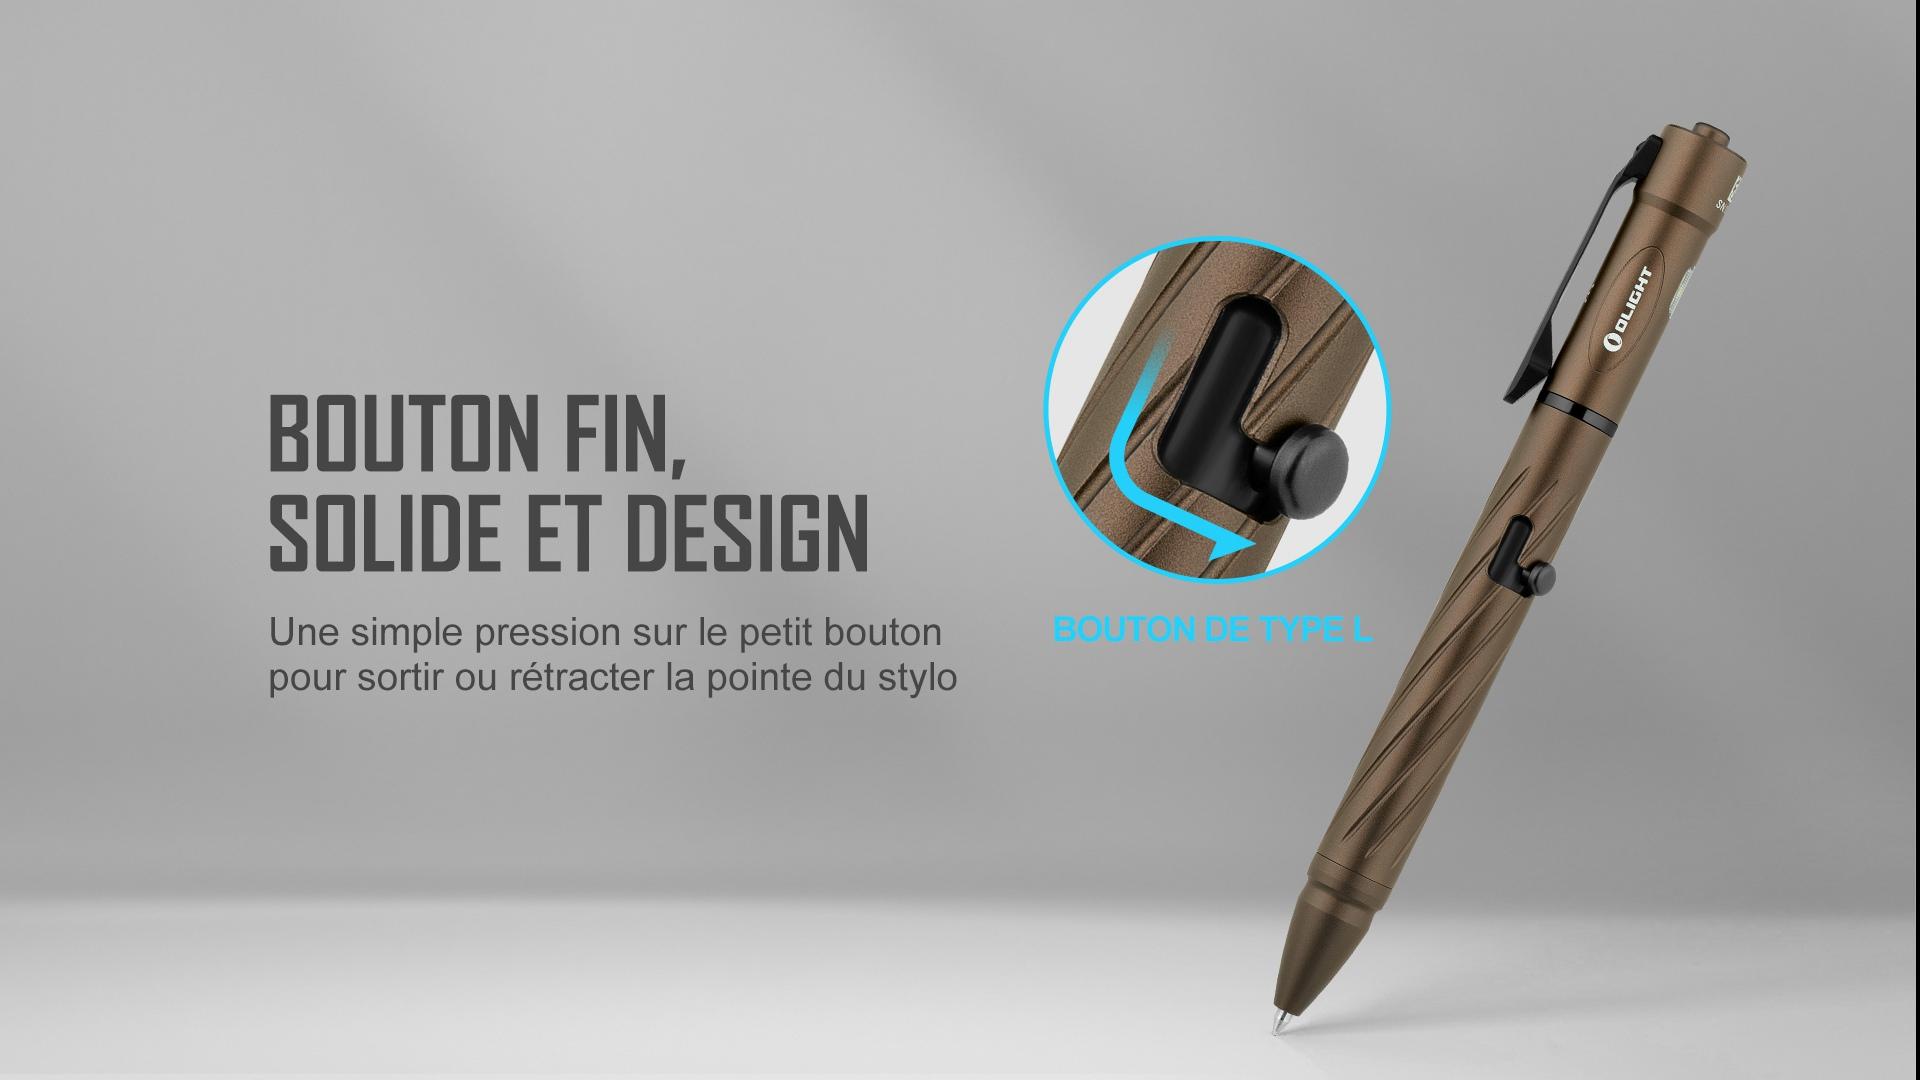 Pointe rétractable stylo lampe torche, bouton de type L